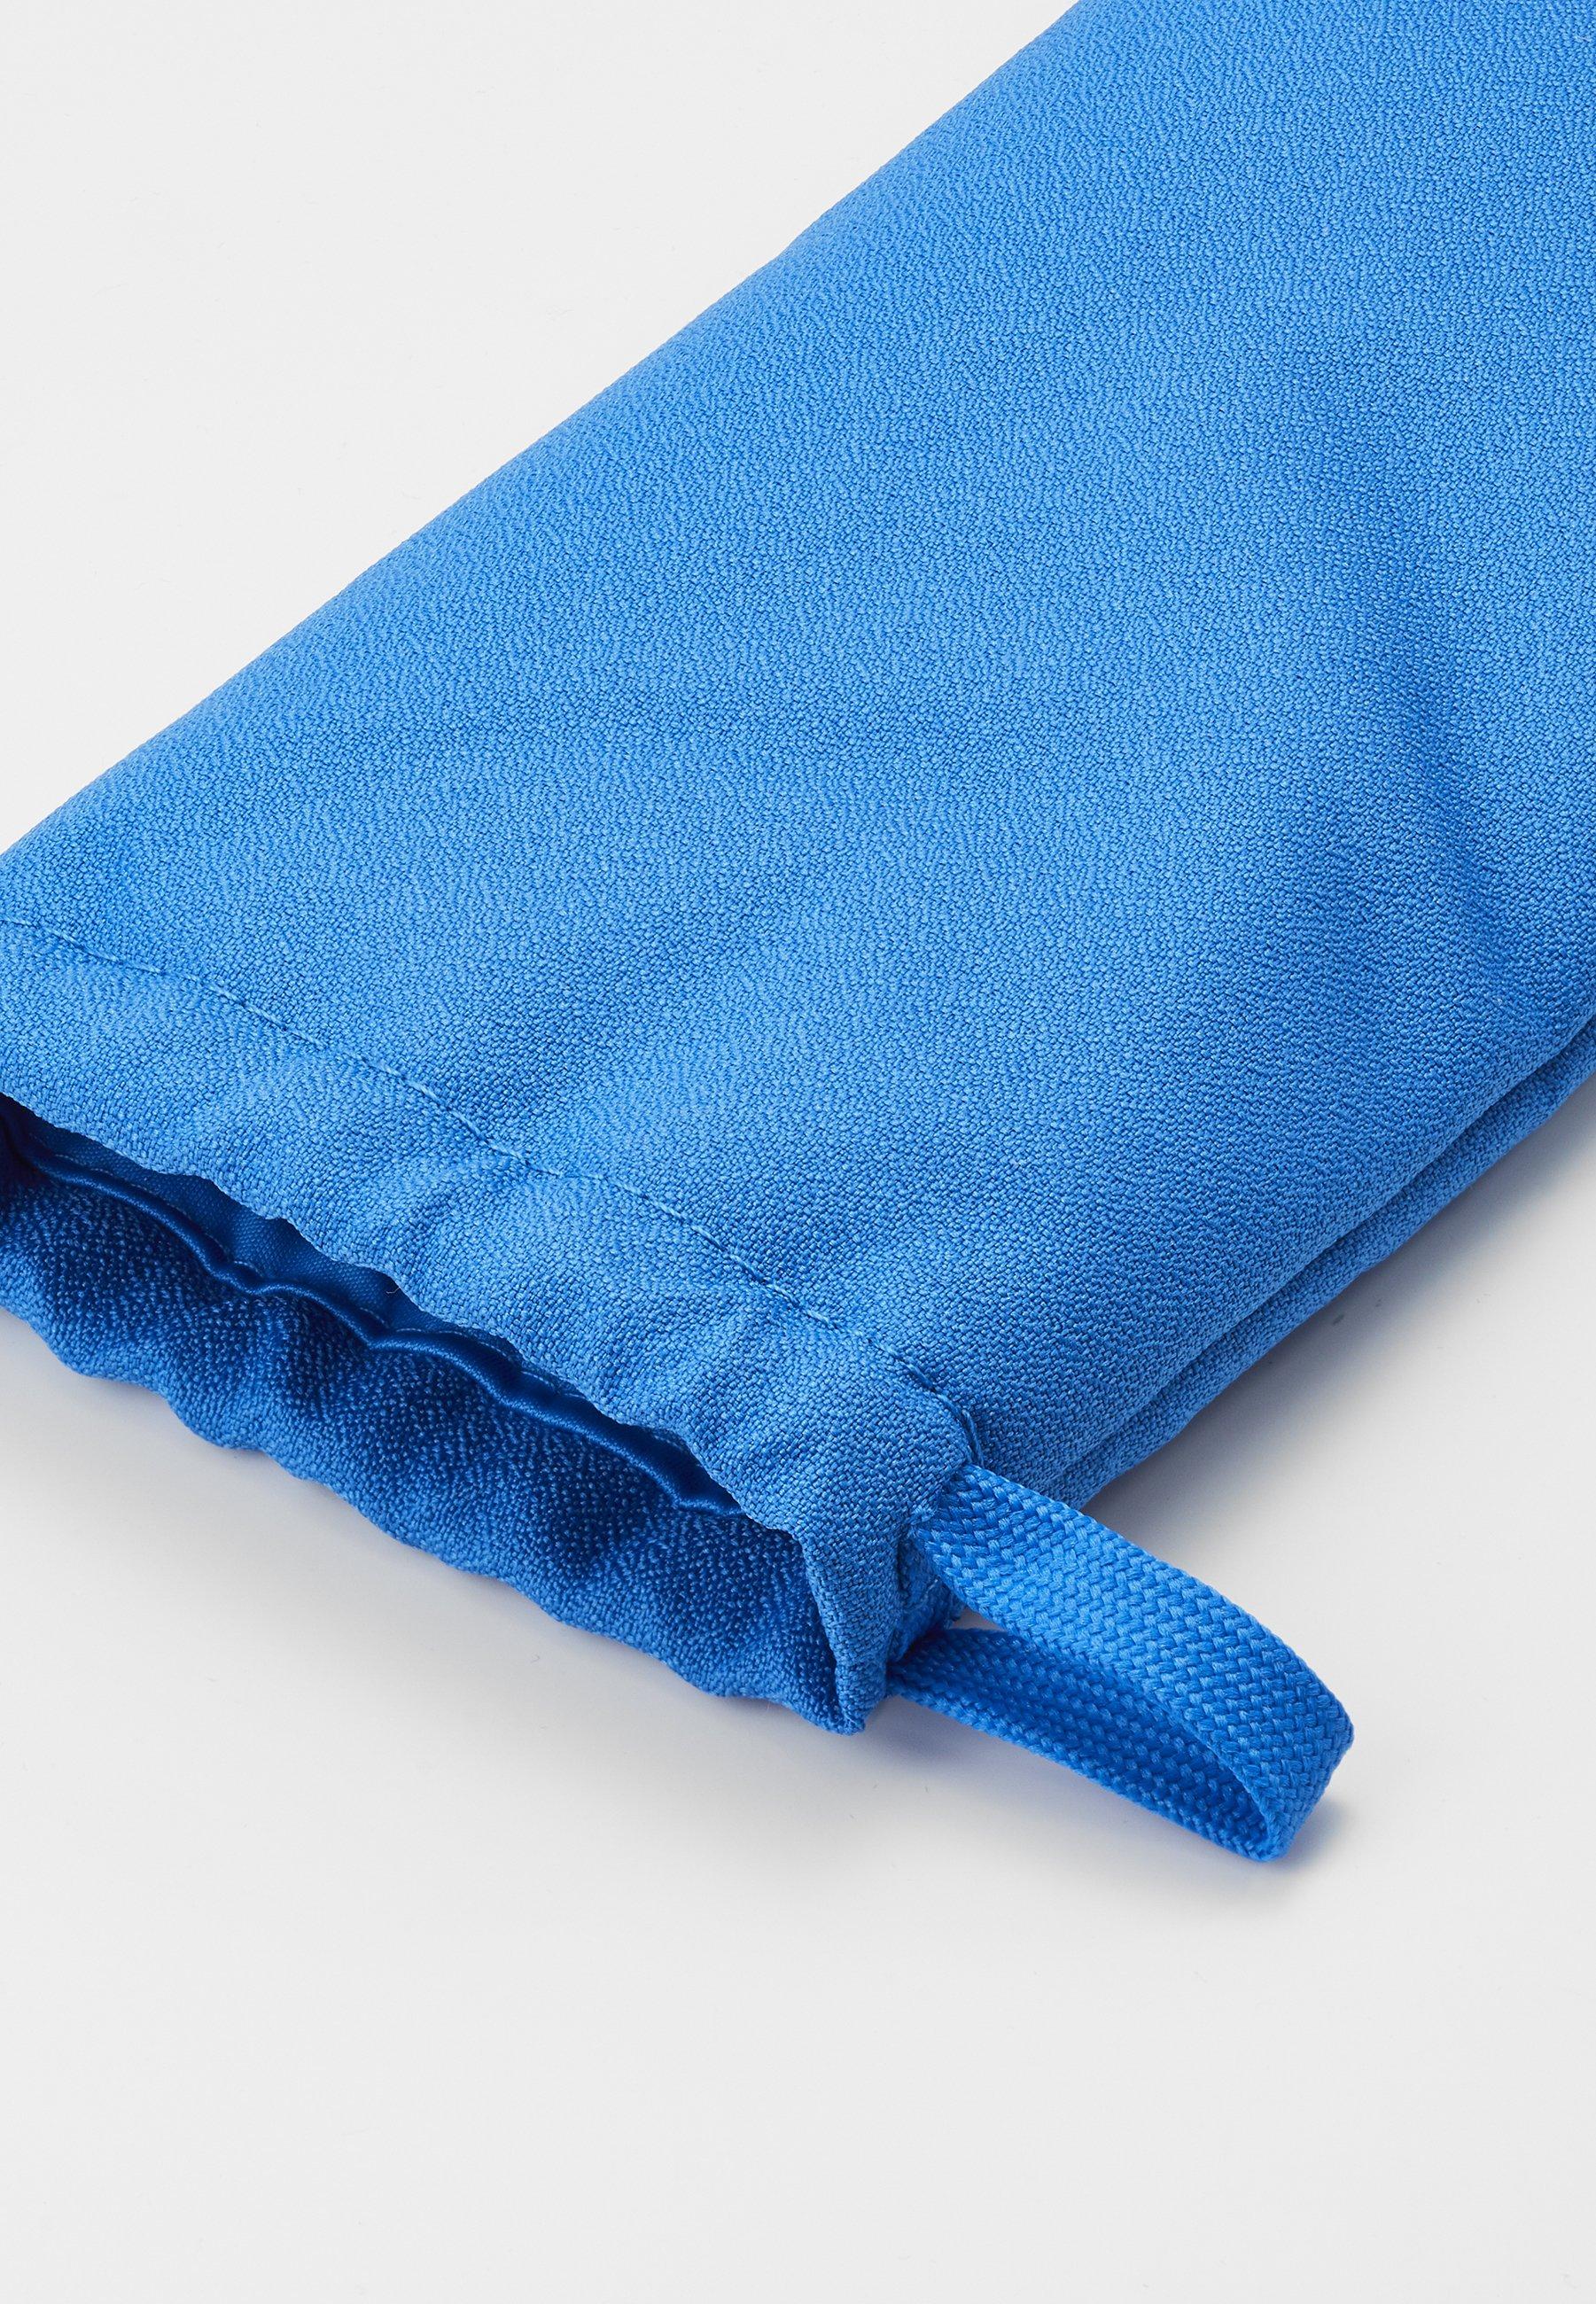 adidas Originals Solbriller - white/blue/hvit h9Ejv0o4Ux328I1